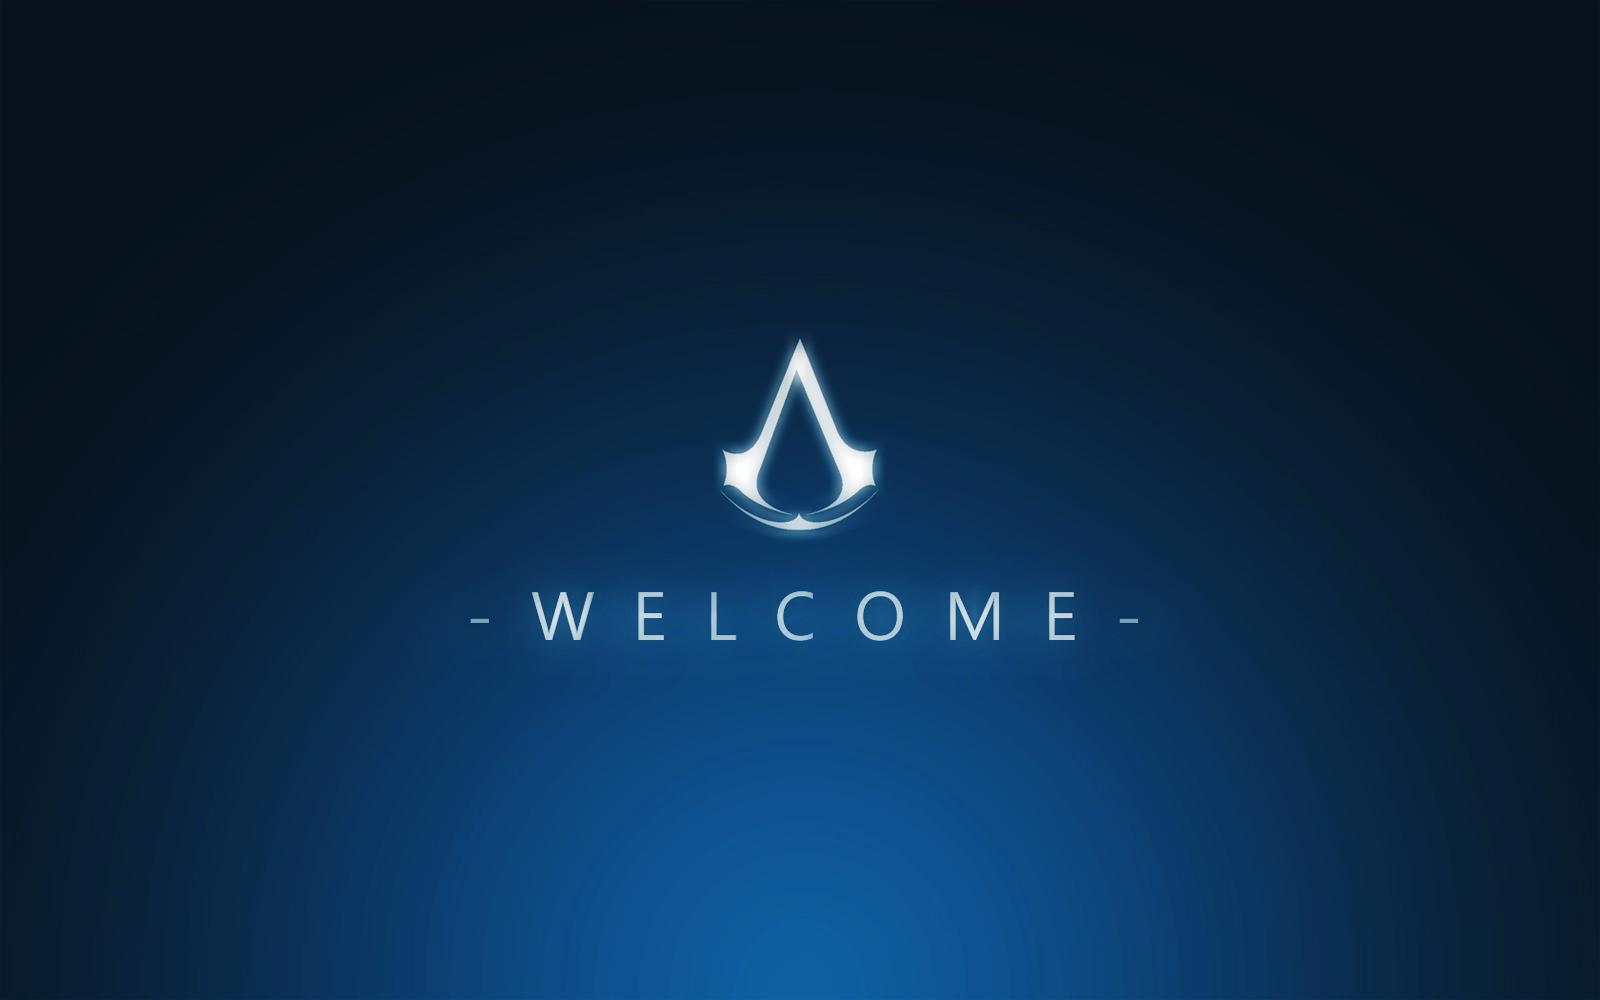 Blue gaming wallpaper wallpapersafari - Gaming logo wallpaper ...